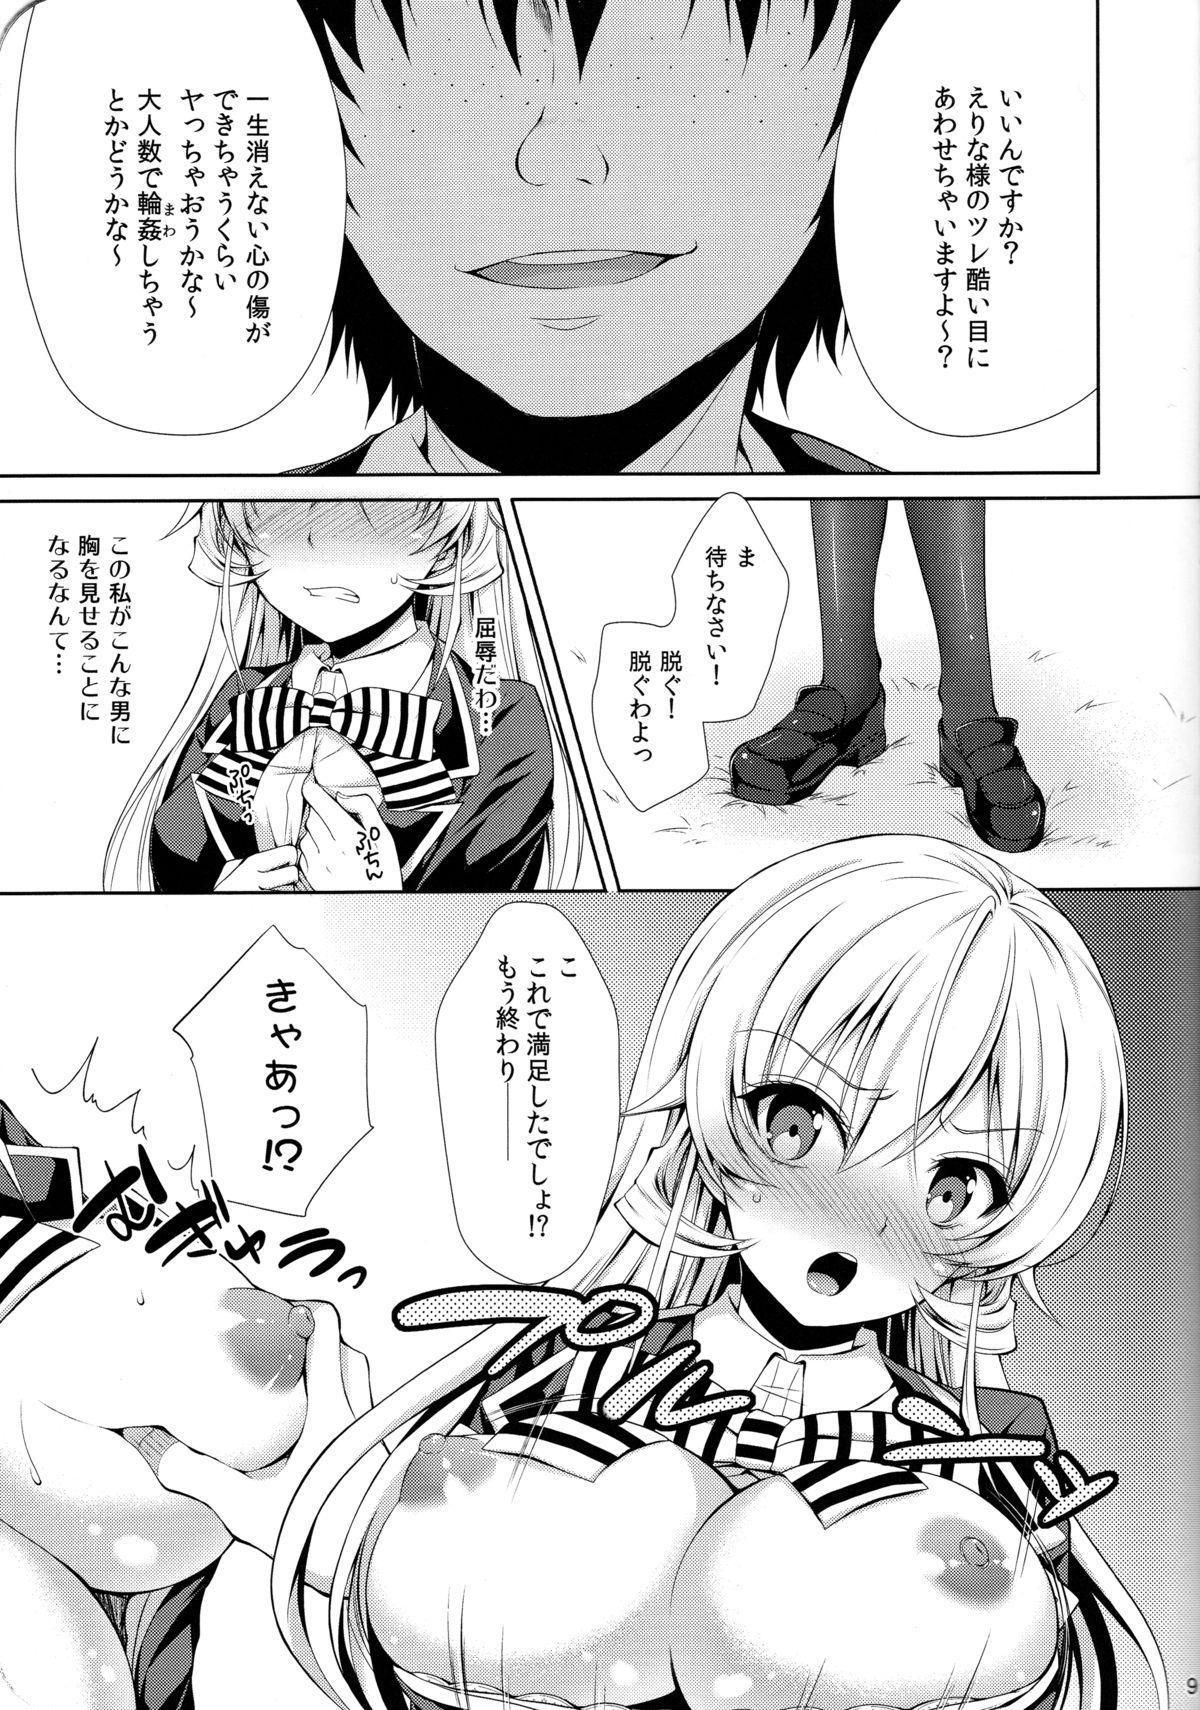 Erina-sama wa Ore no Seidorei 7